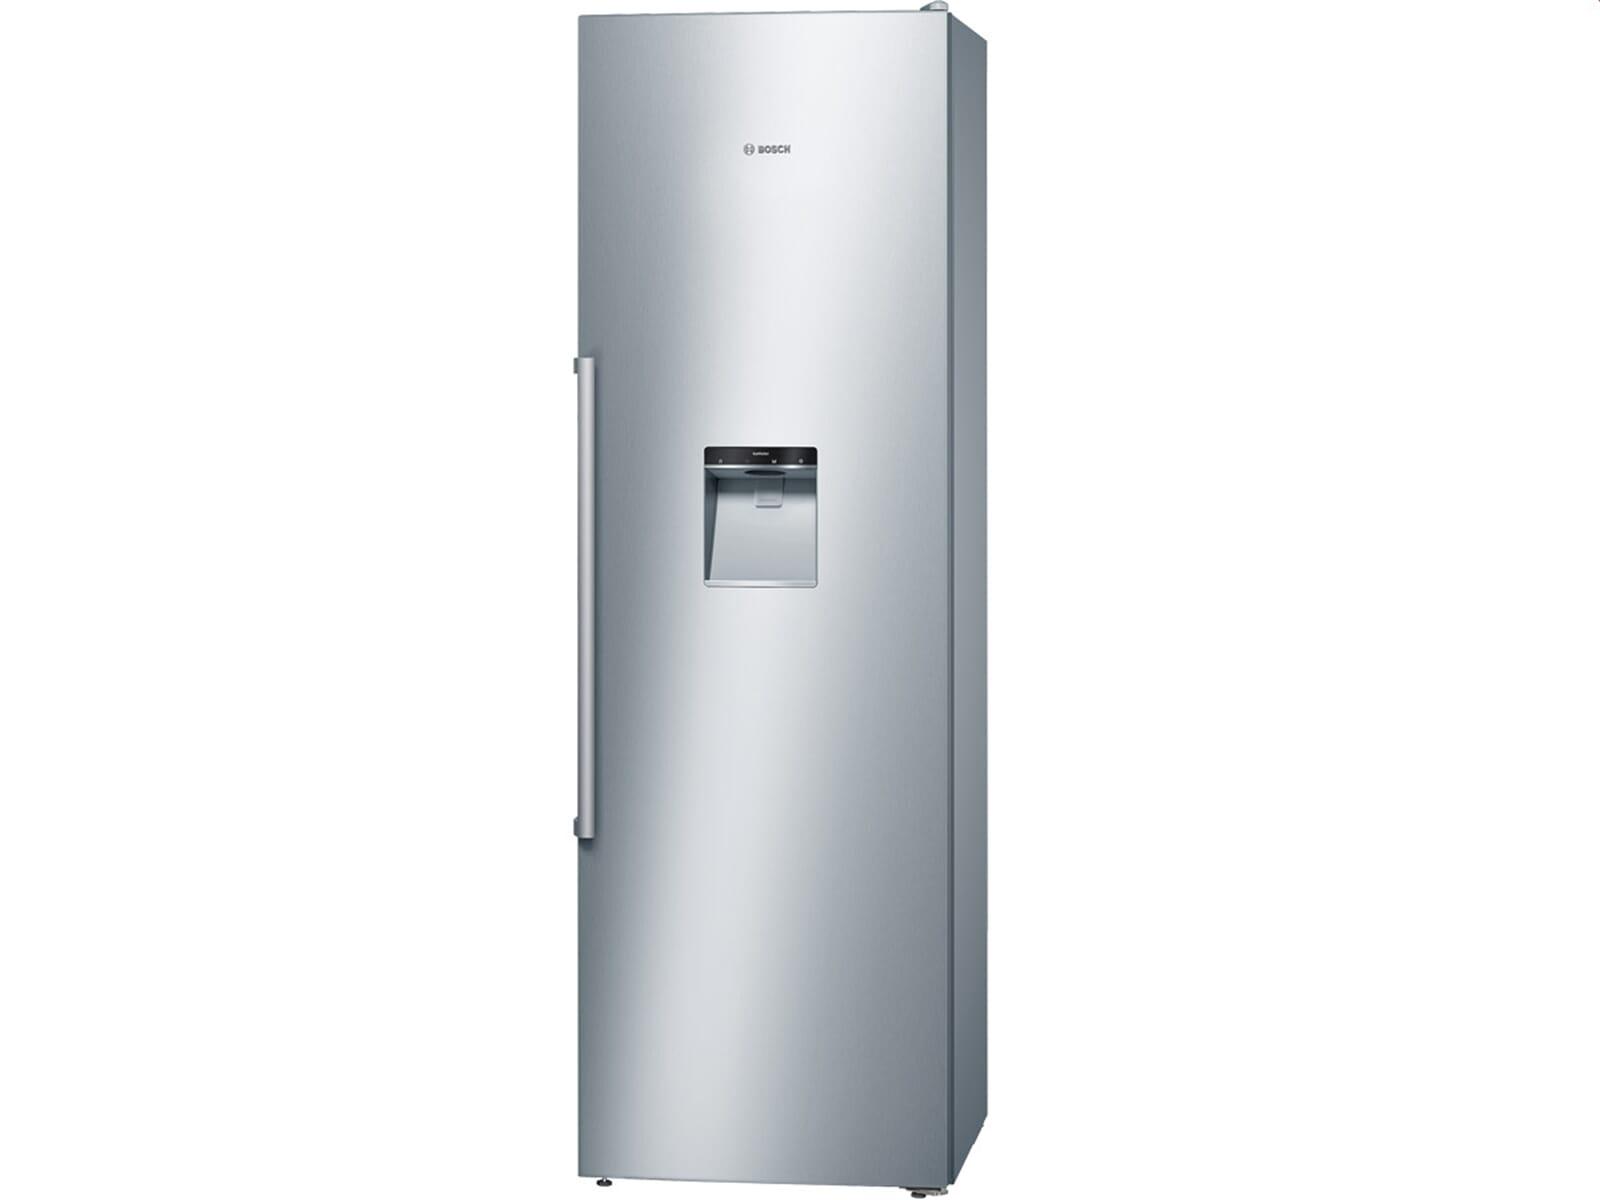 Kühlschrank Und Gefrierschrank Mit Eiswürfelspender : Liebherr sign premium einbaugefrierschrank nofrost icemaker a